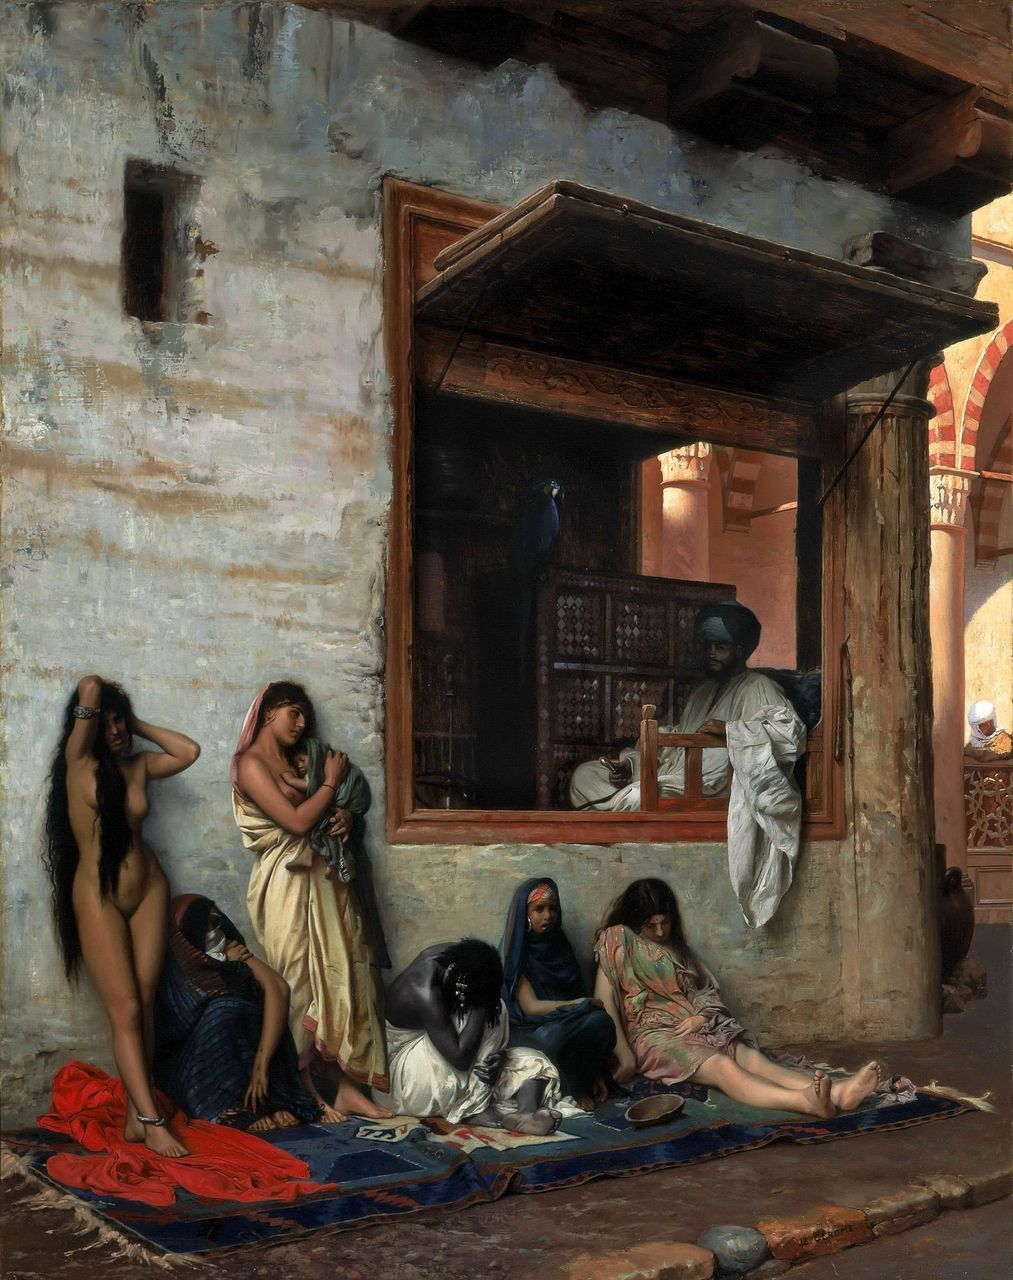 Рабыня и рабовладелец картинки